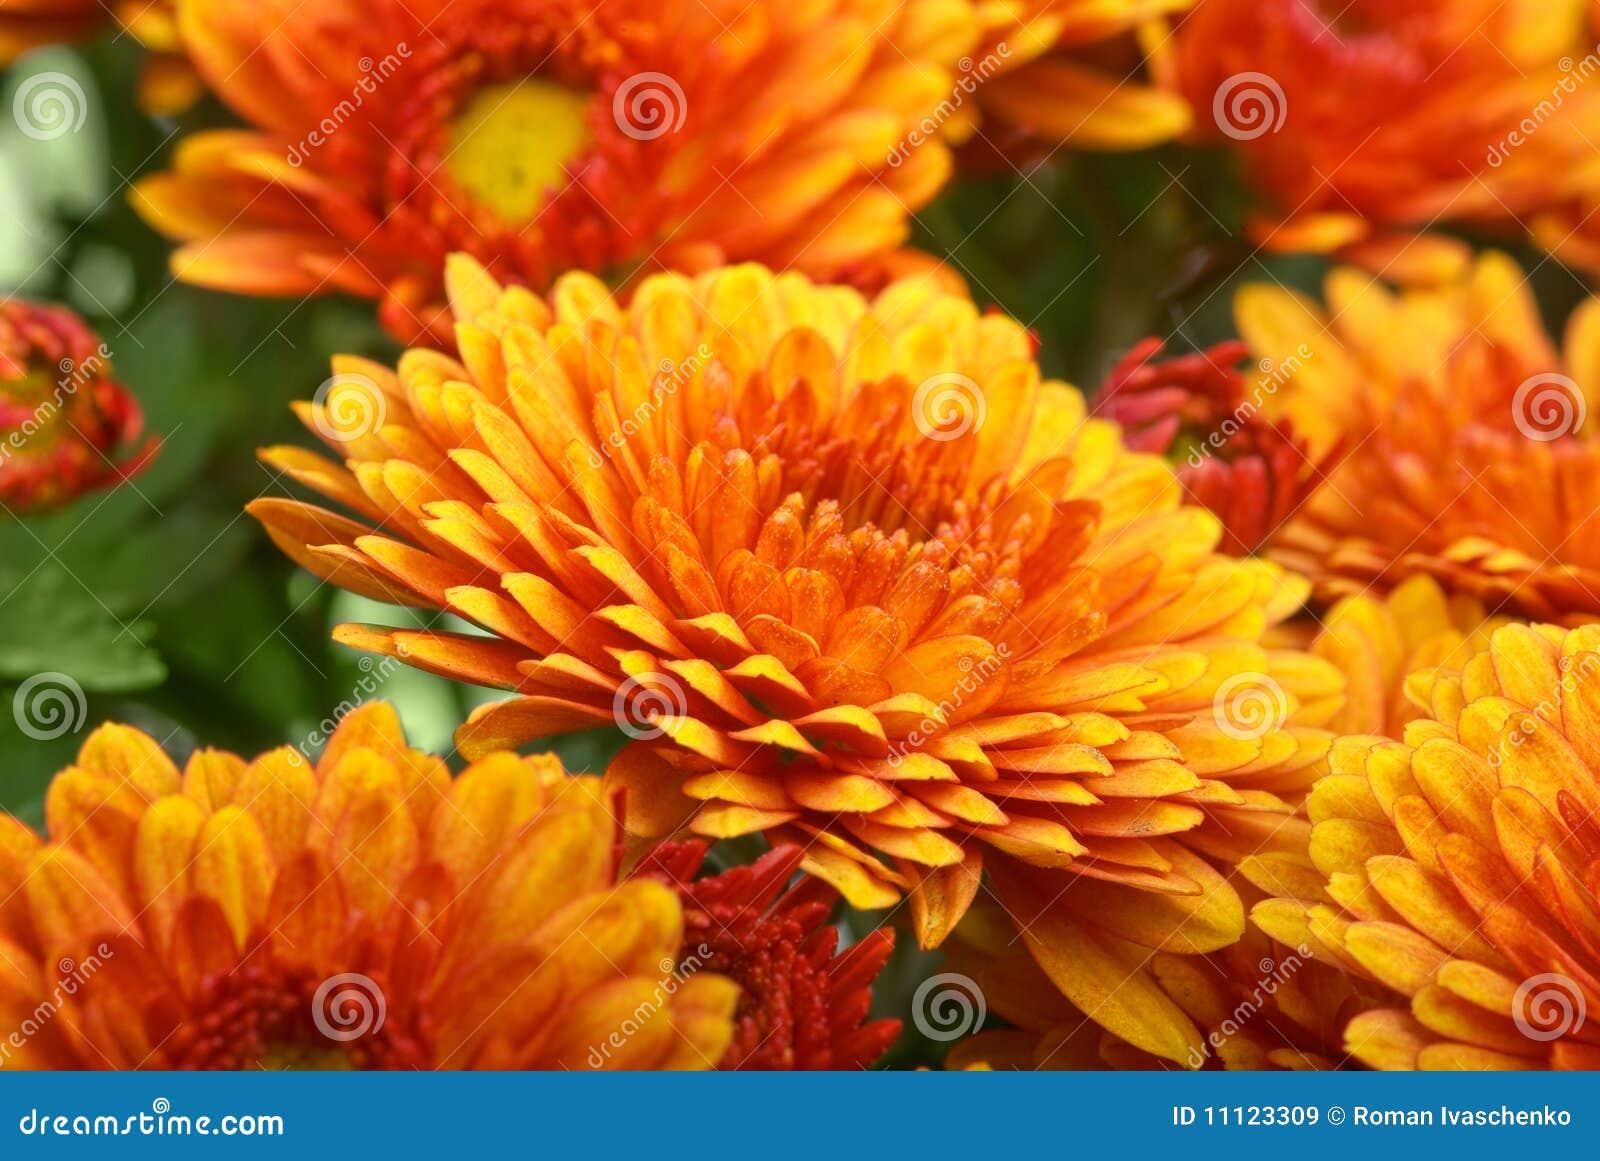 Chryzantemy kwiatu pomarańcze